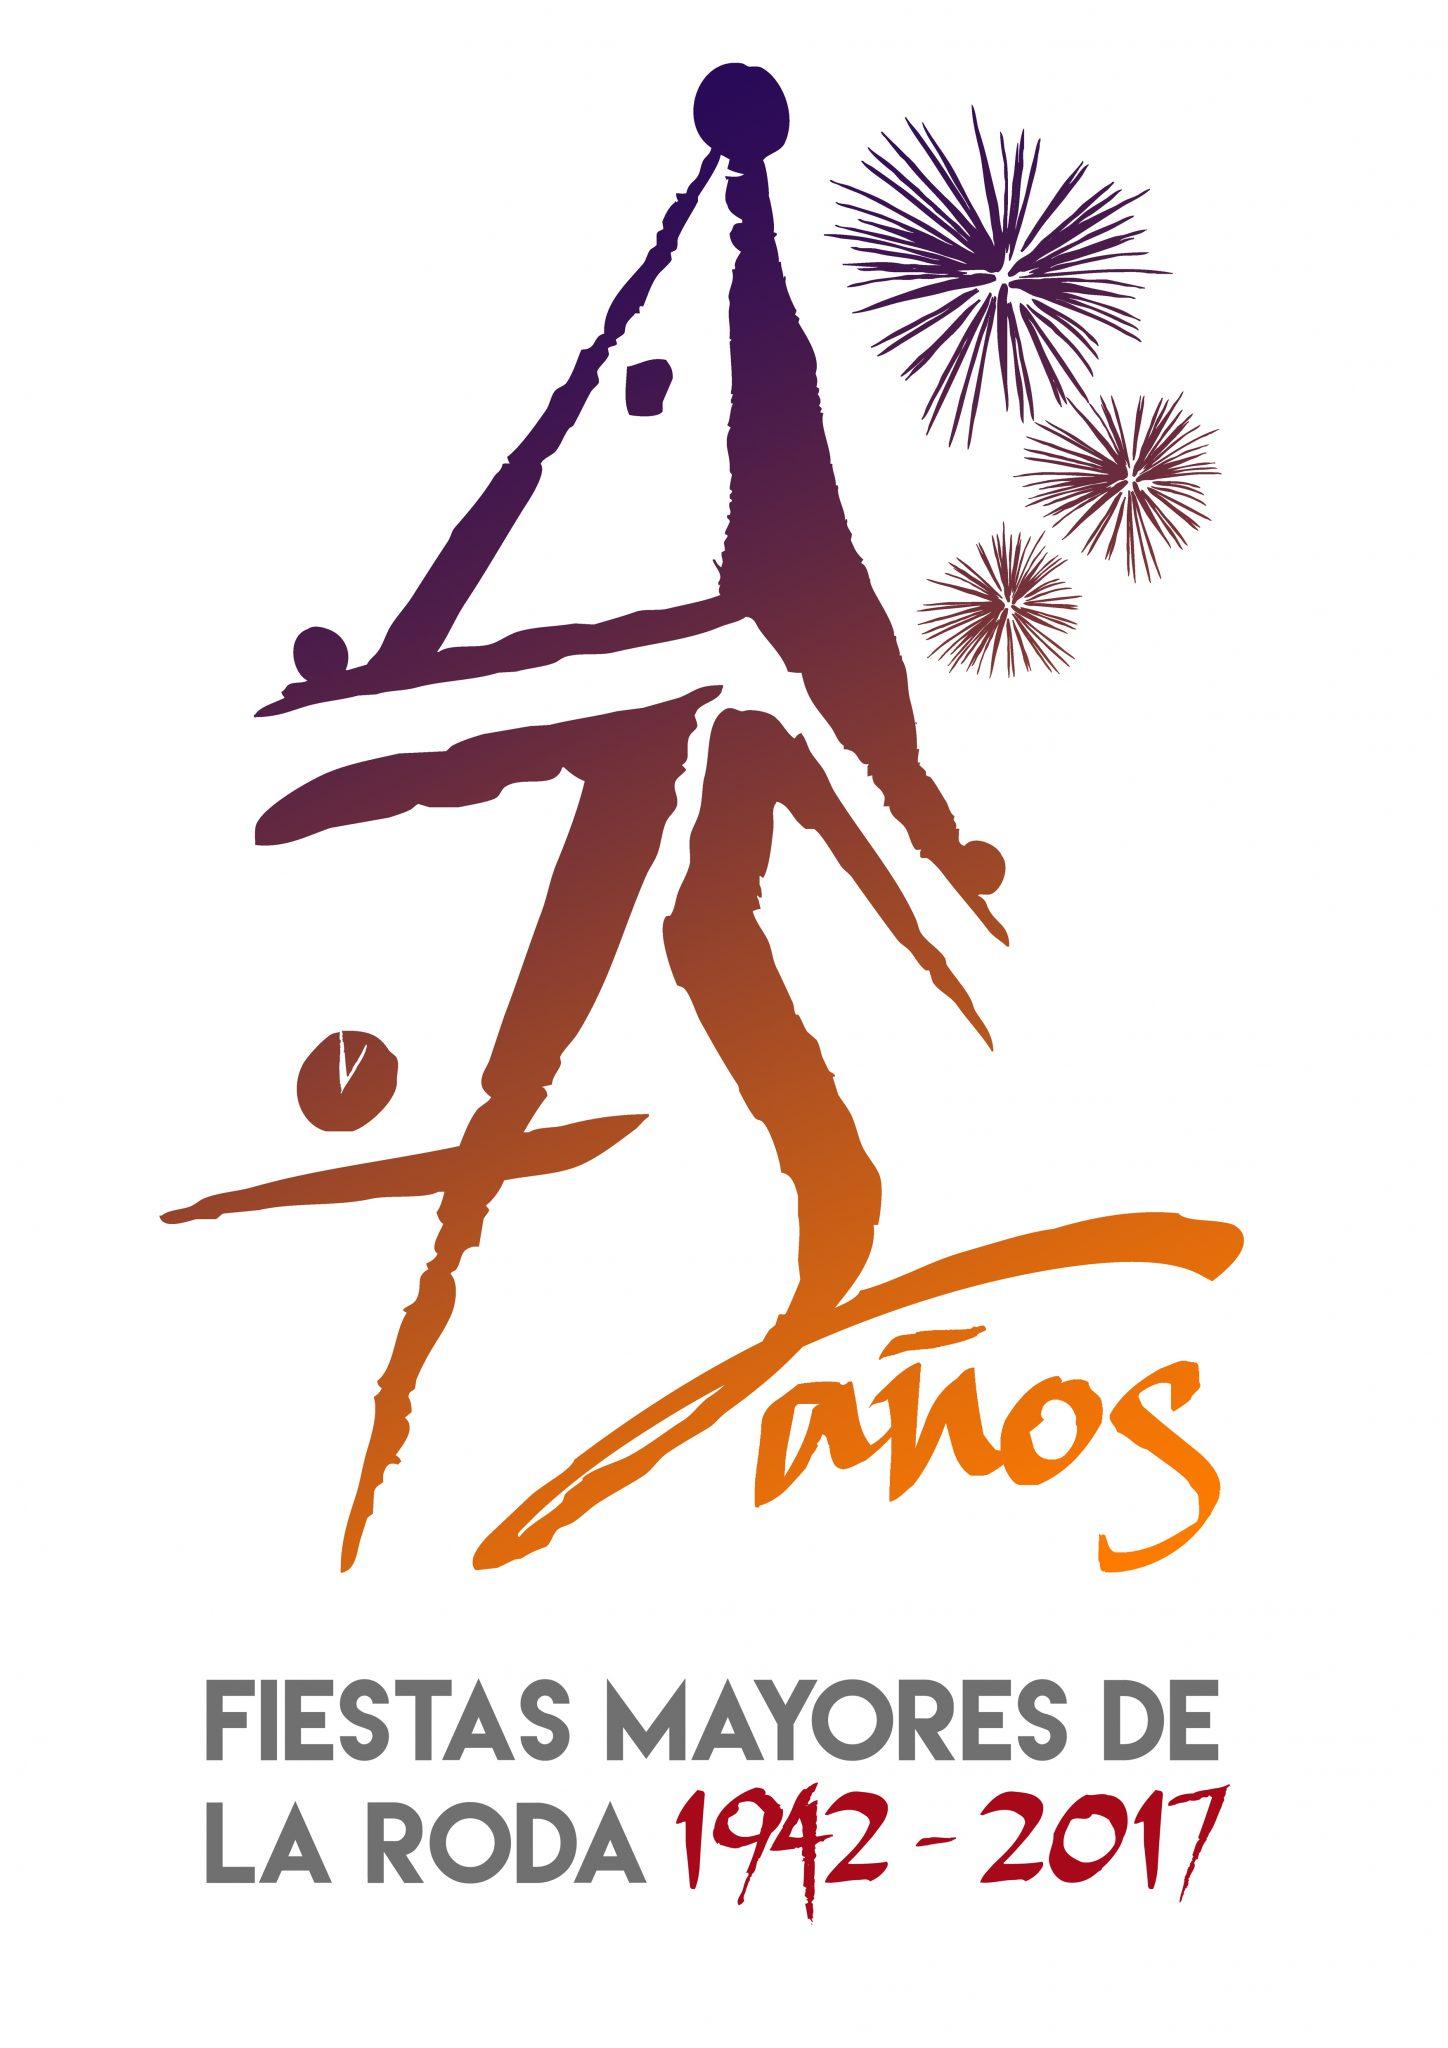 Comienzan Los Actos Conmemorativos Del 75 Aniversario De Las Fiestas Mayores De La Roda